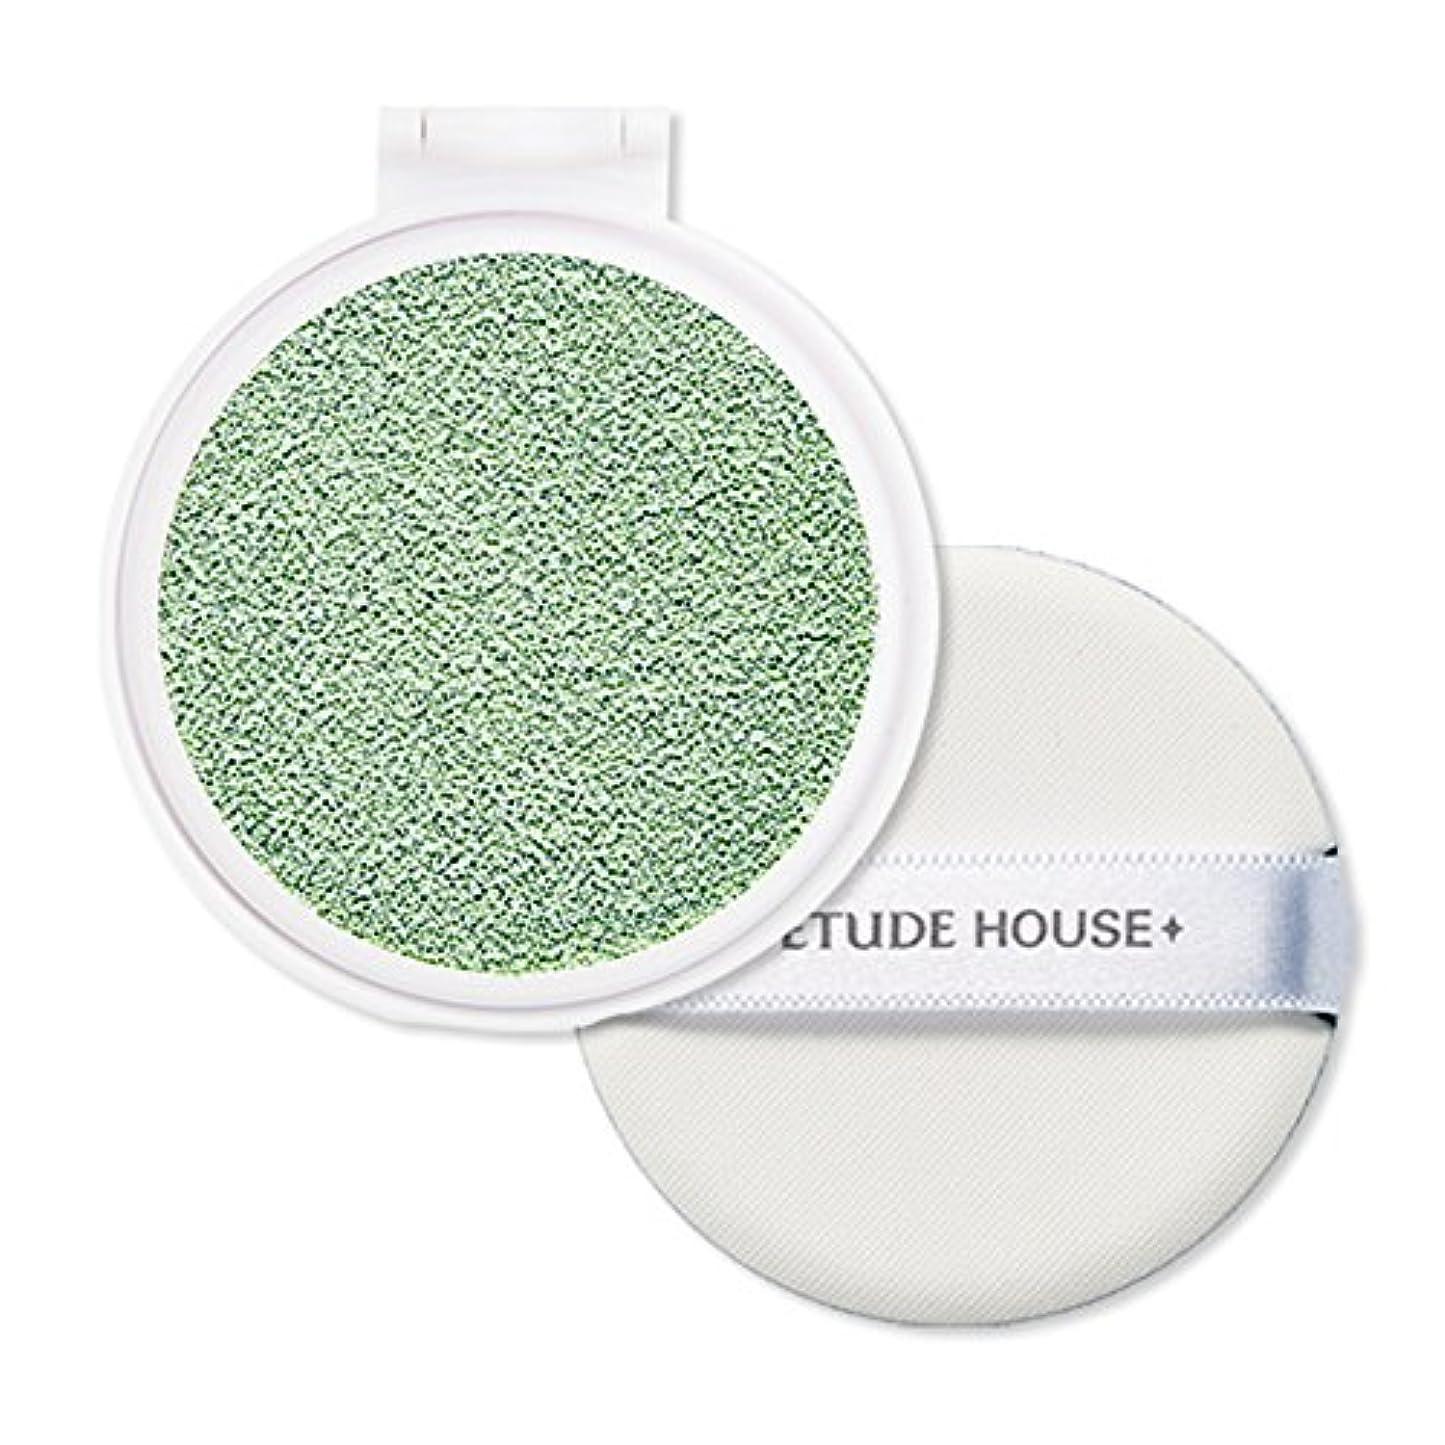 夕方忠実に理容師エチュードハウス(ETUDE HOUSE) エニークッション カラーコレクター レフィル Mint